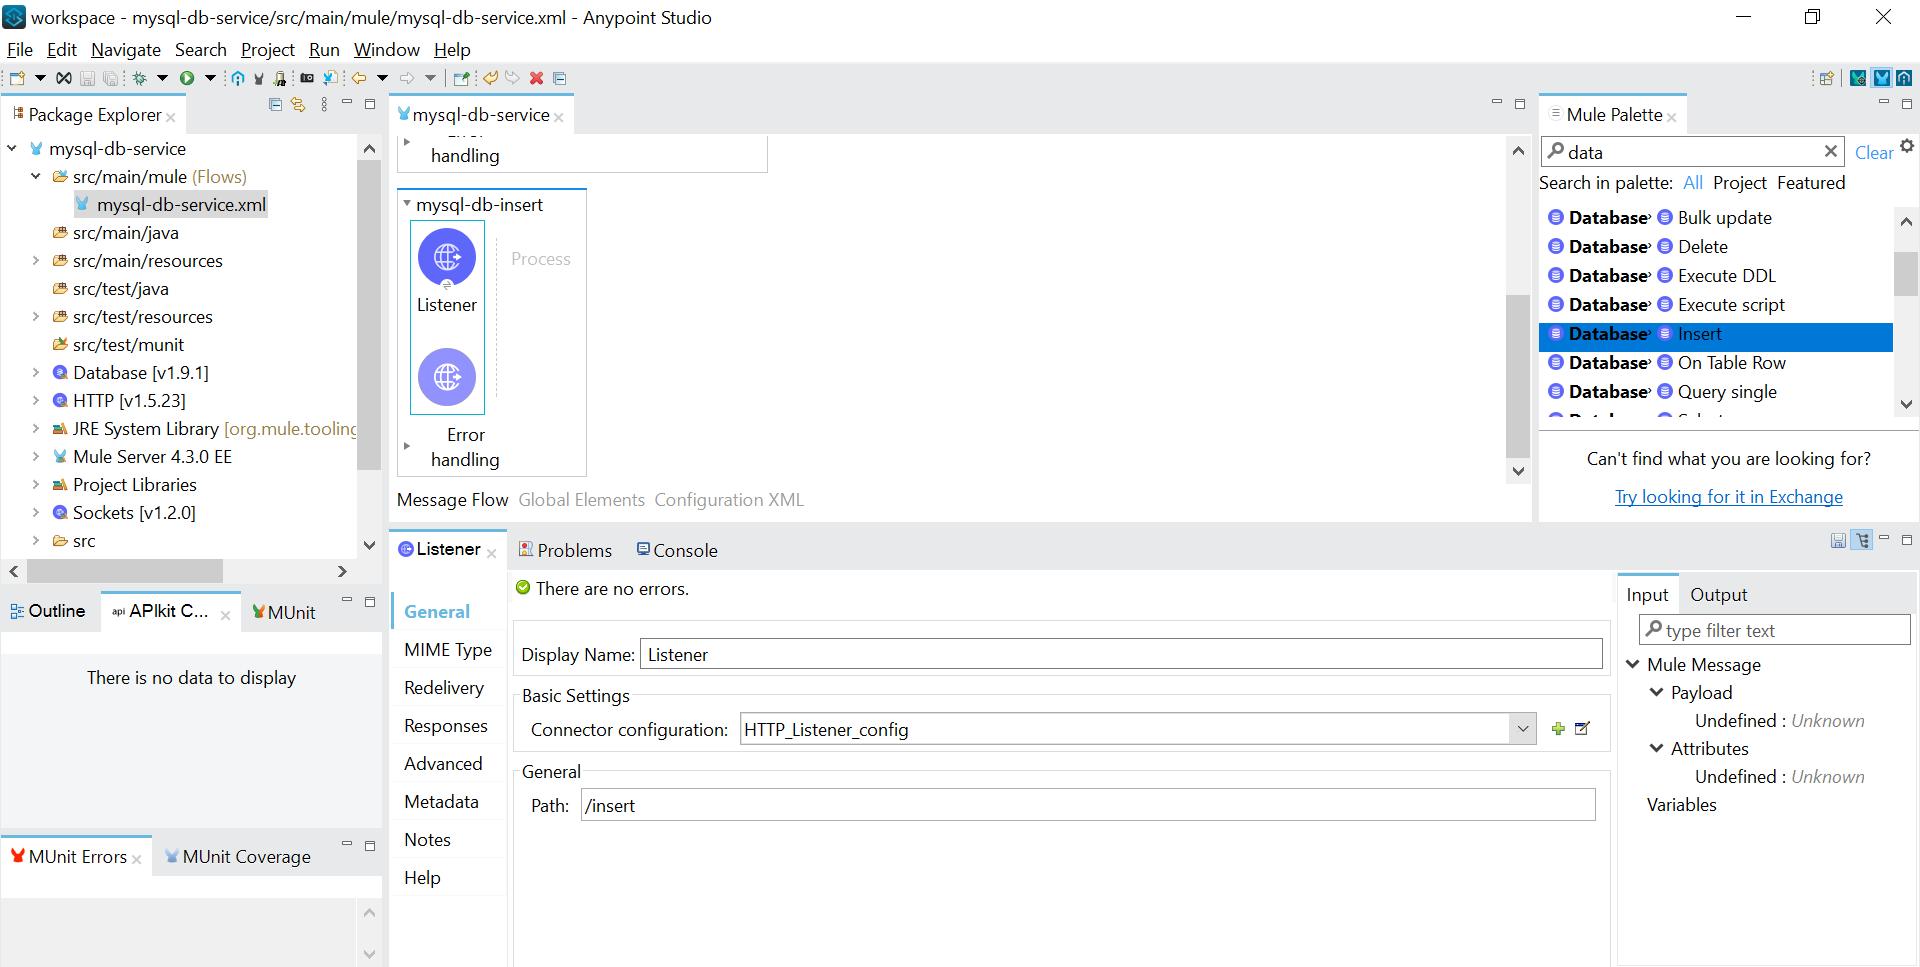 Insert in MySQL DB table